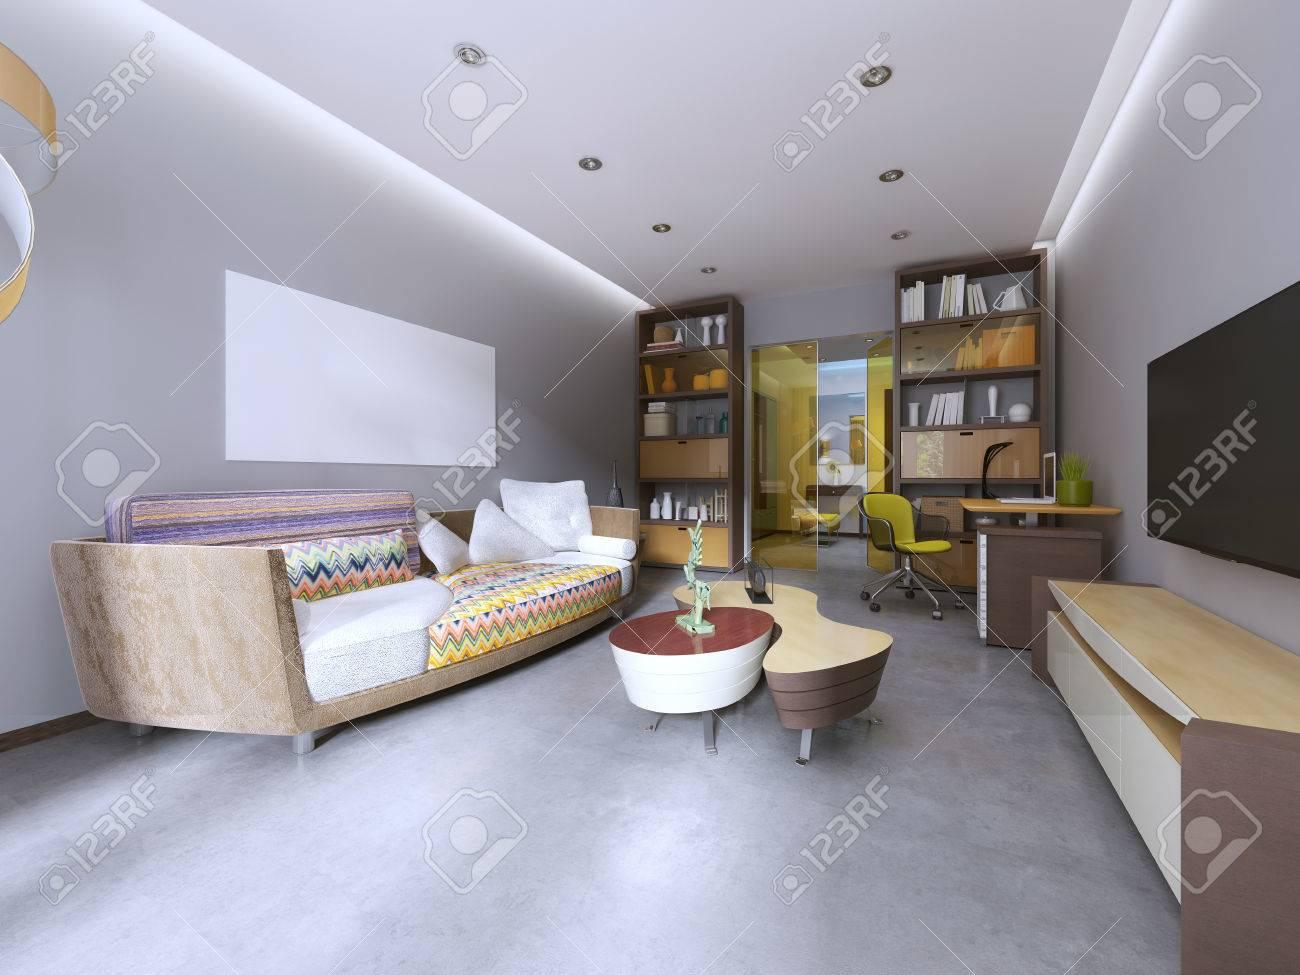 Moderne Wohnzimmer In Kitsch-Stil, Mit TV-Gerät, Bücherregal Und ...